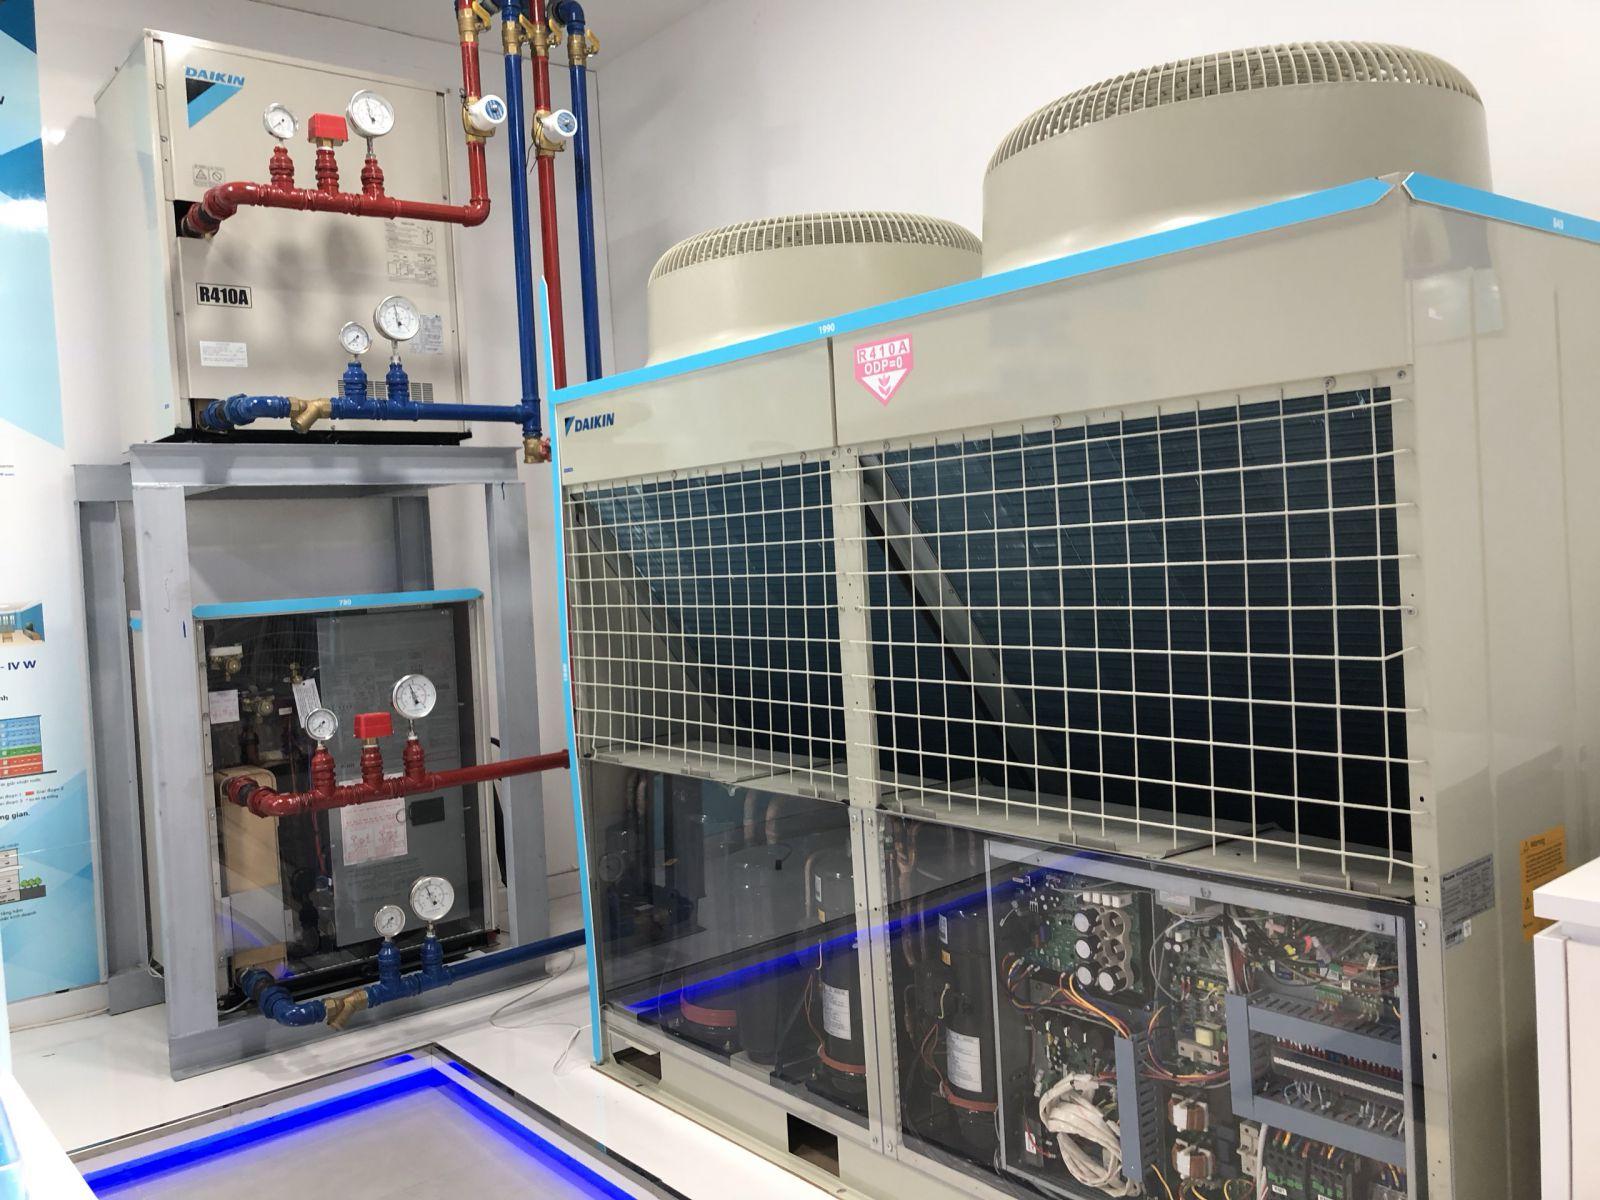 Máy lạnh tủ đứng công nghiệp nối ống gió Daikin – Đơn vị bán hàng và lắp đặt uy tín - 266586